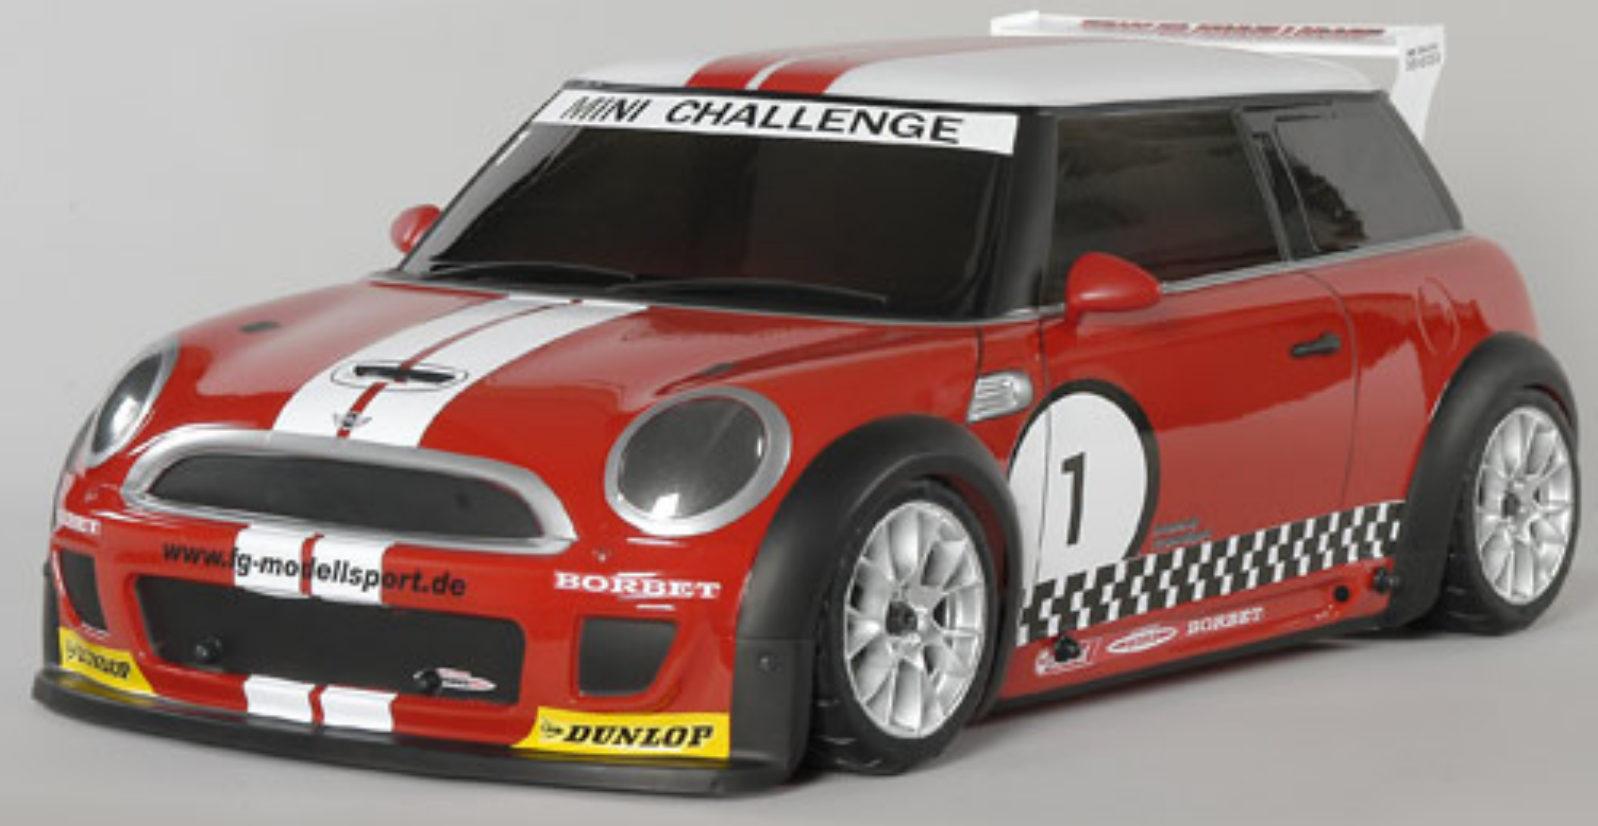 fg modellsport 4wd 510 rtr chassis trophy rot karosserie. Black Bedroom Furniture Sets. Home Design Ideas